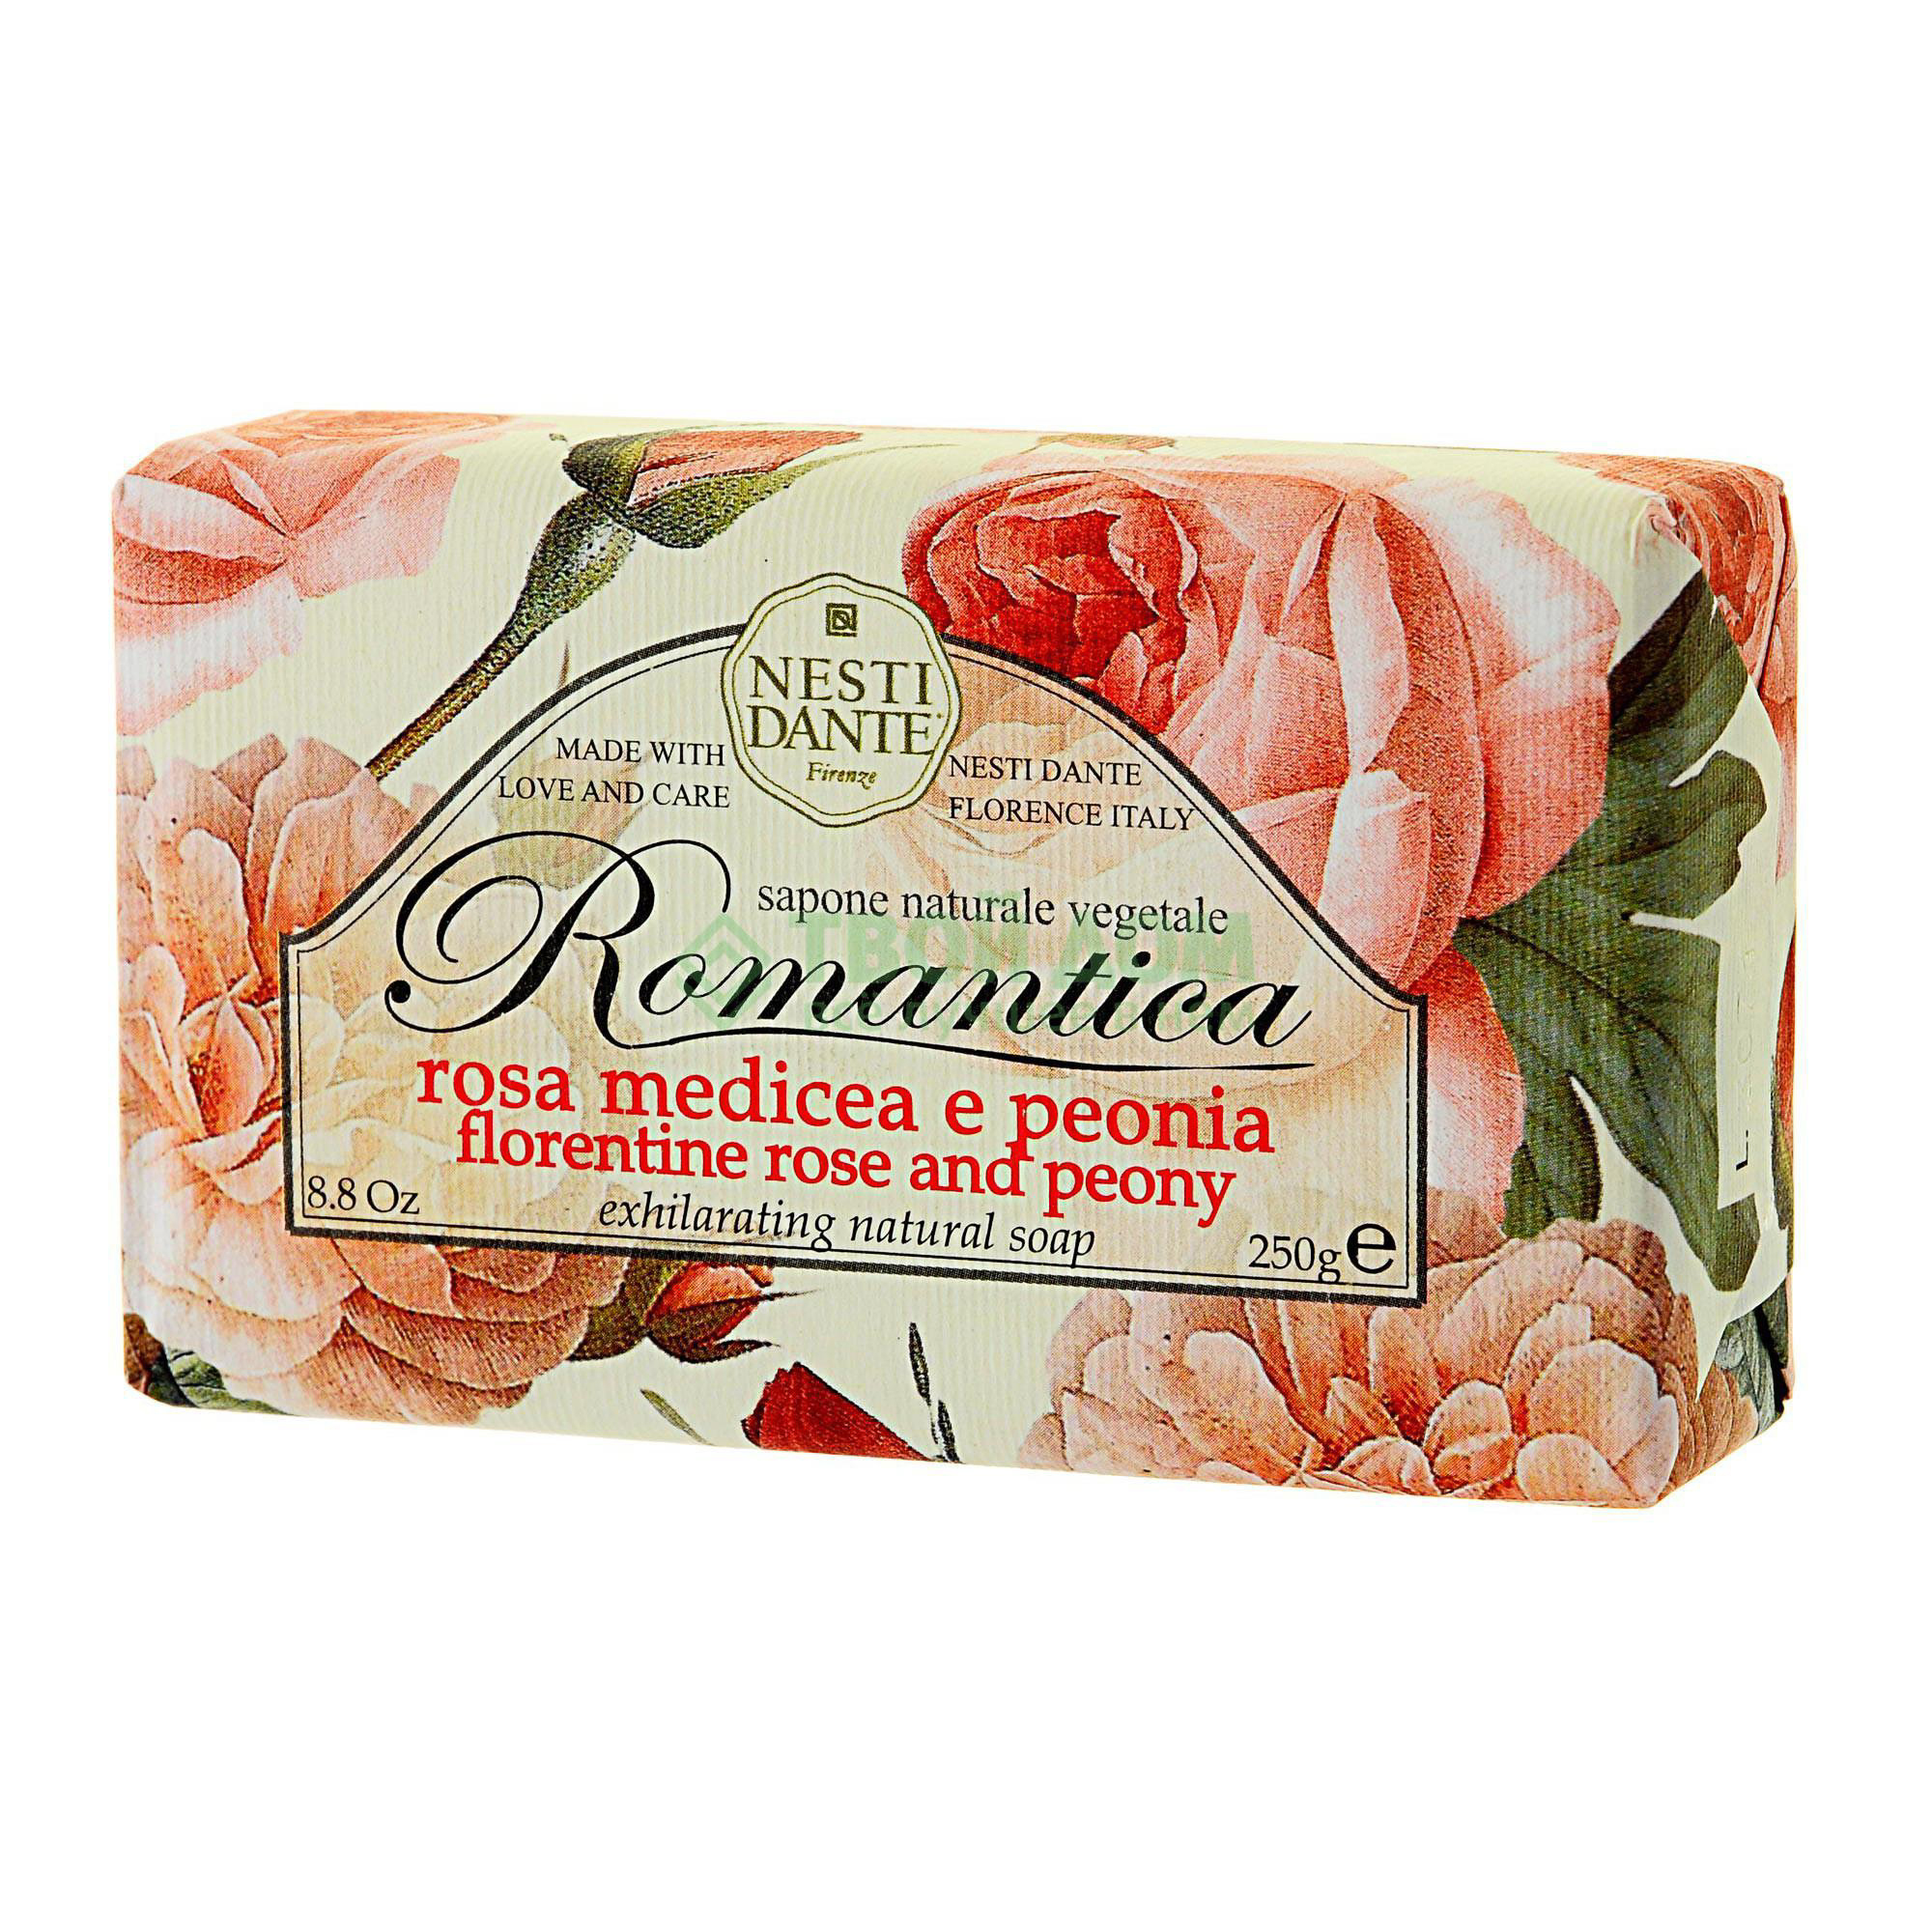 Мыло Nesti Dante роза и пион 250г мыло юбилейное золотое 250г nesti dante